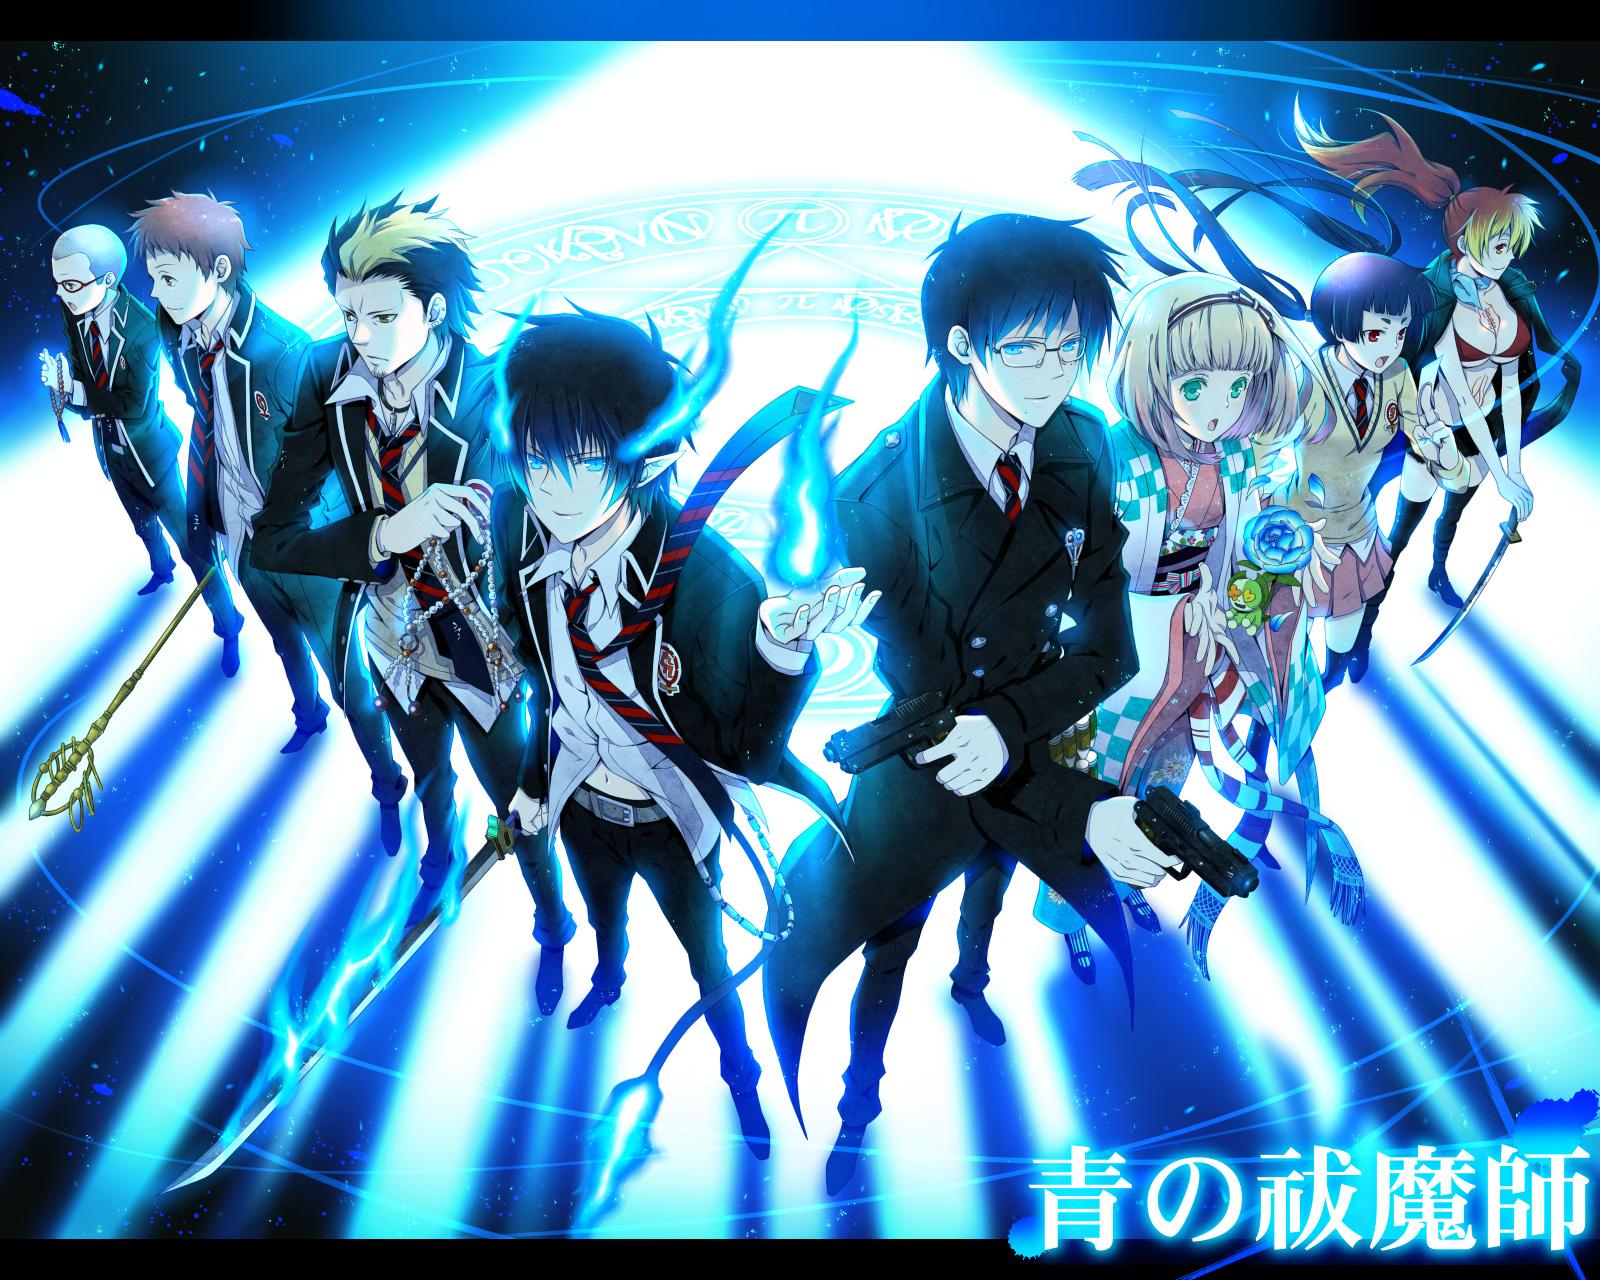 http://3.bp.blogspot.com/-8bbR86gnbSk/TdJLAV8GZYI/AAAAAAAAAEQ/4WFwPYUZ9jY/s1600/animu_ru-ao-no-futsumashi-%25281600x1280%2529-wallpaper-002.jpg